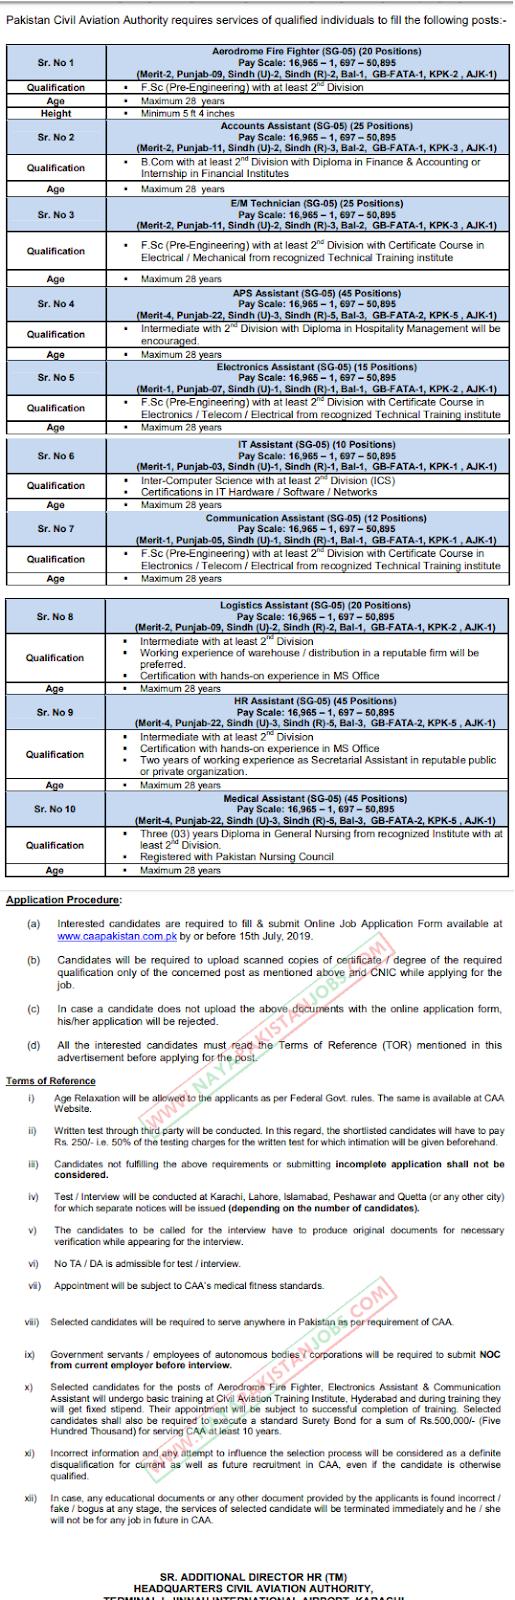 CAA Jobs, CAA Pakistan Jobs, CAA Latest Jobs 2019 July - Civil Aviation Authority